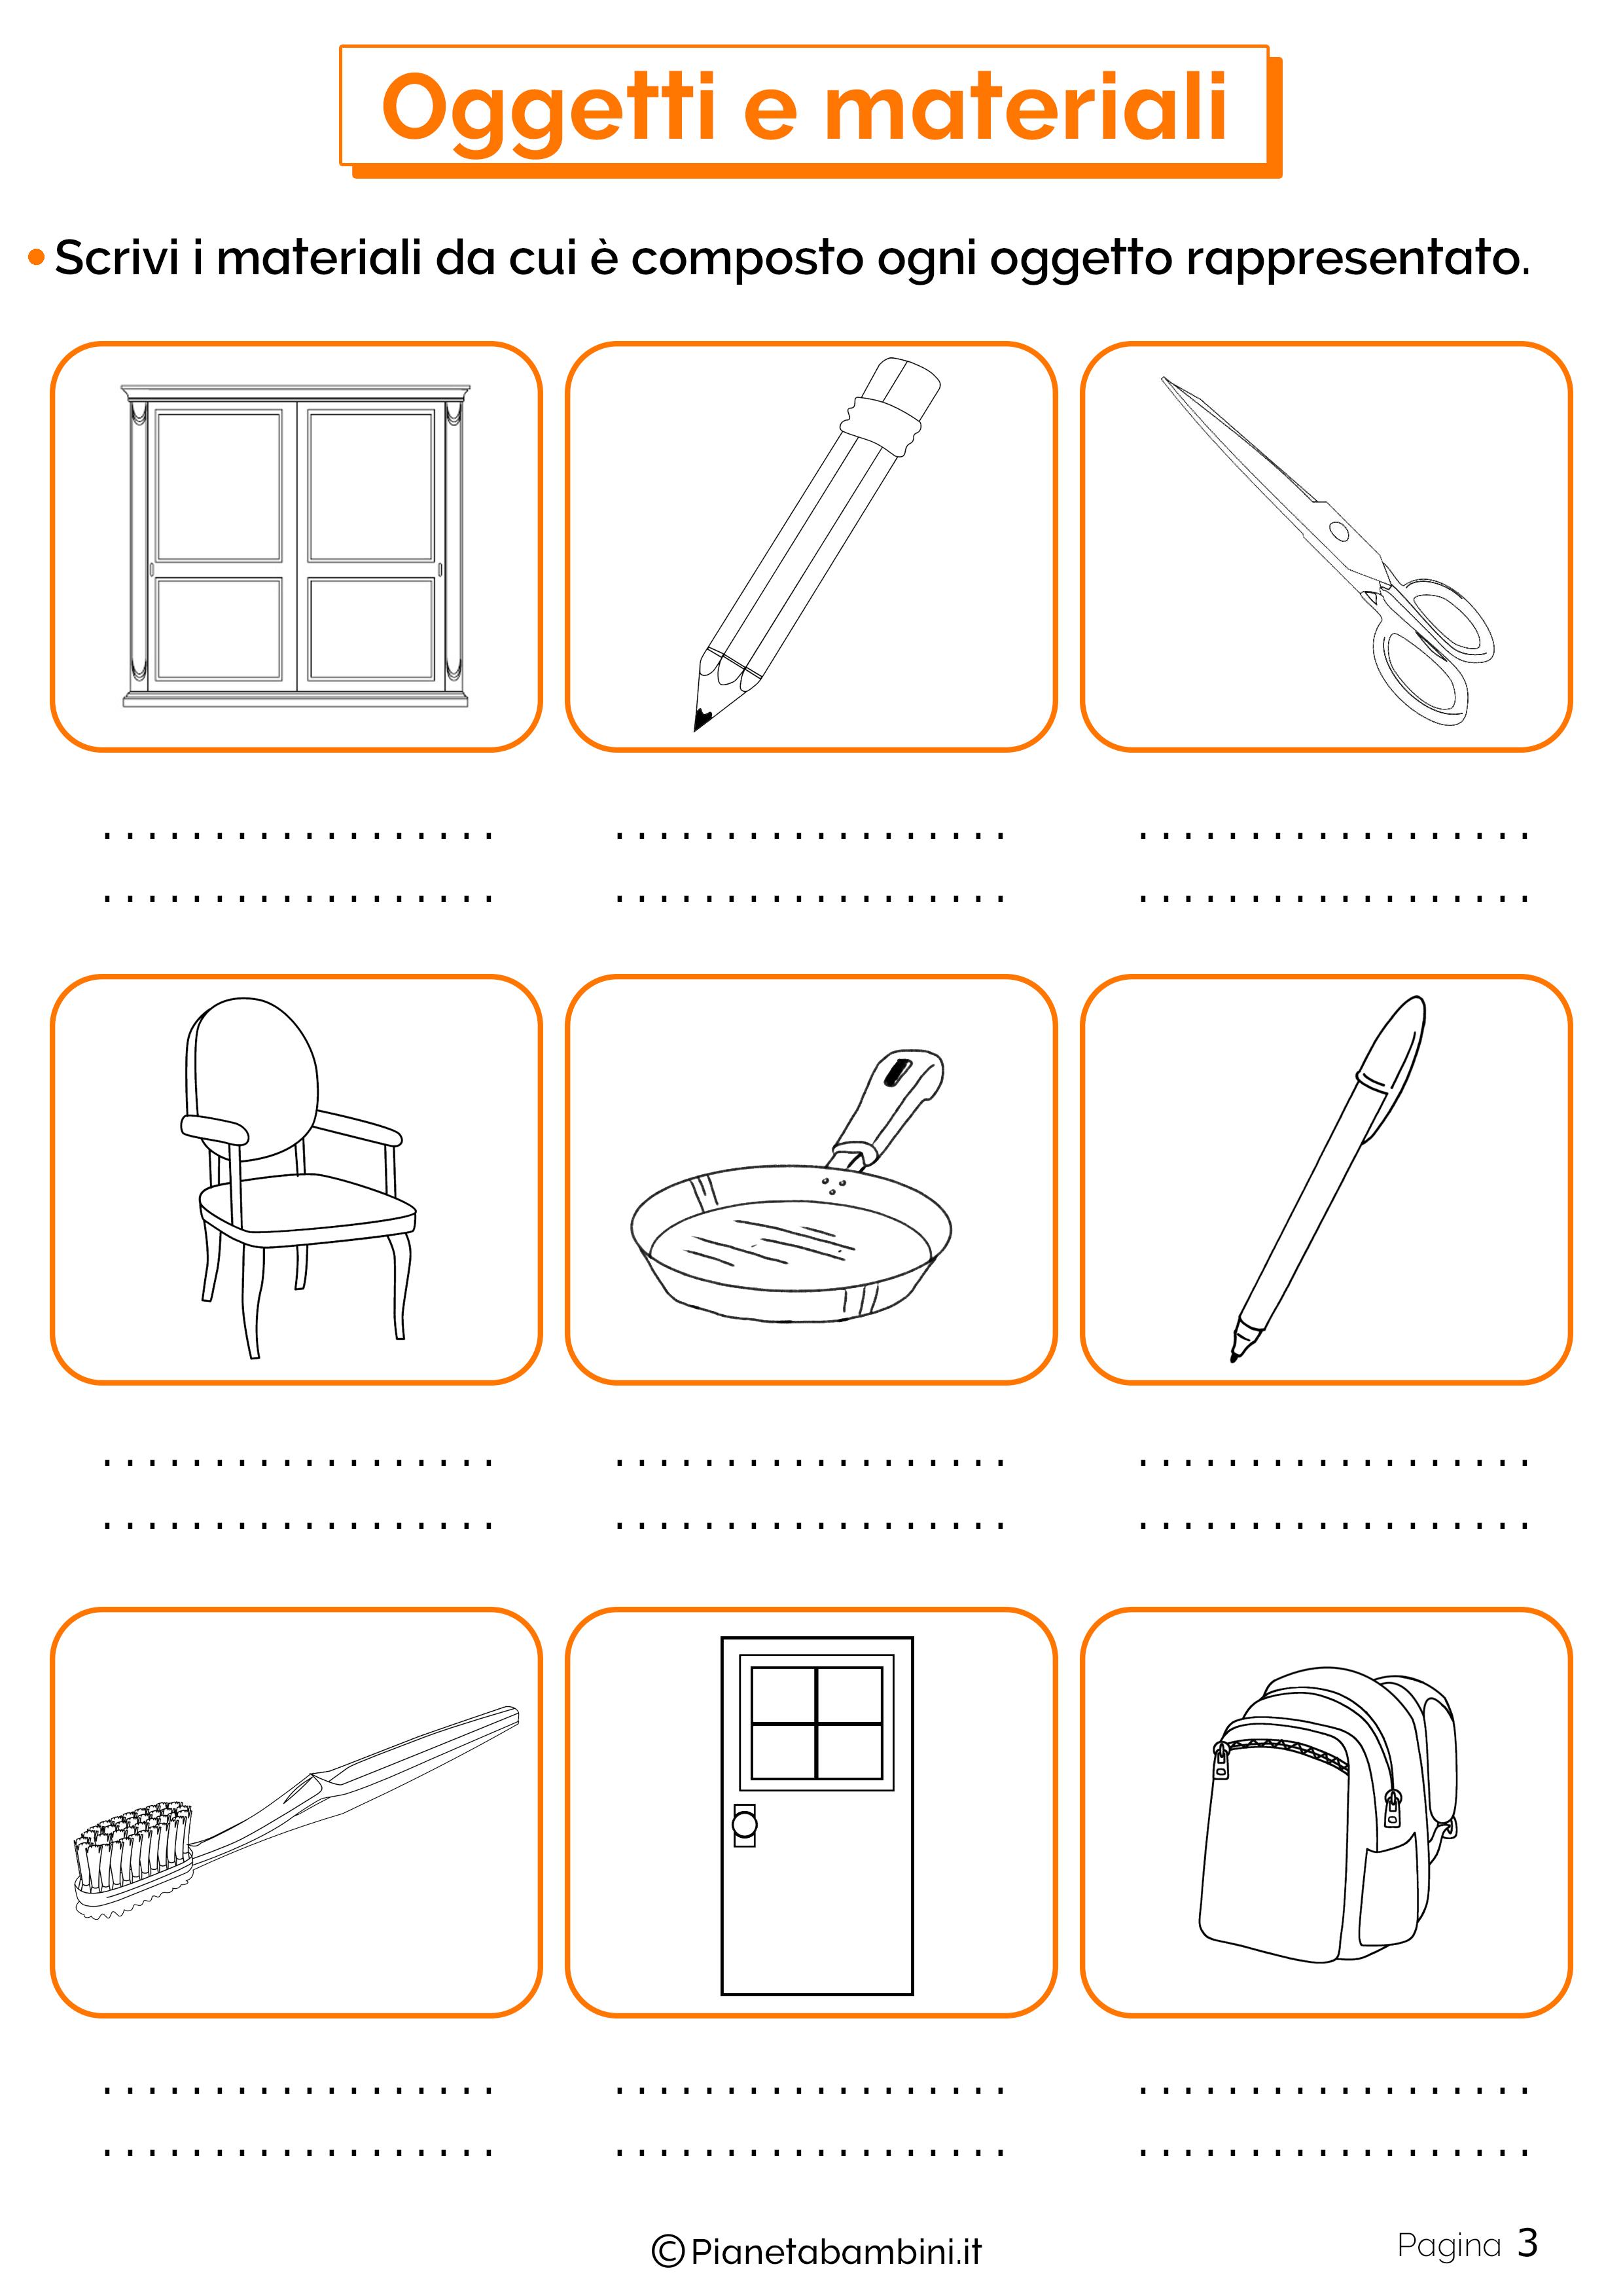 Esercizi su oggetti e materiali 3